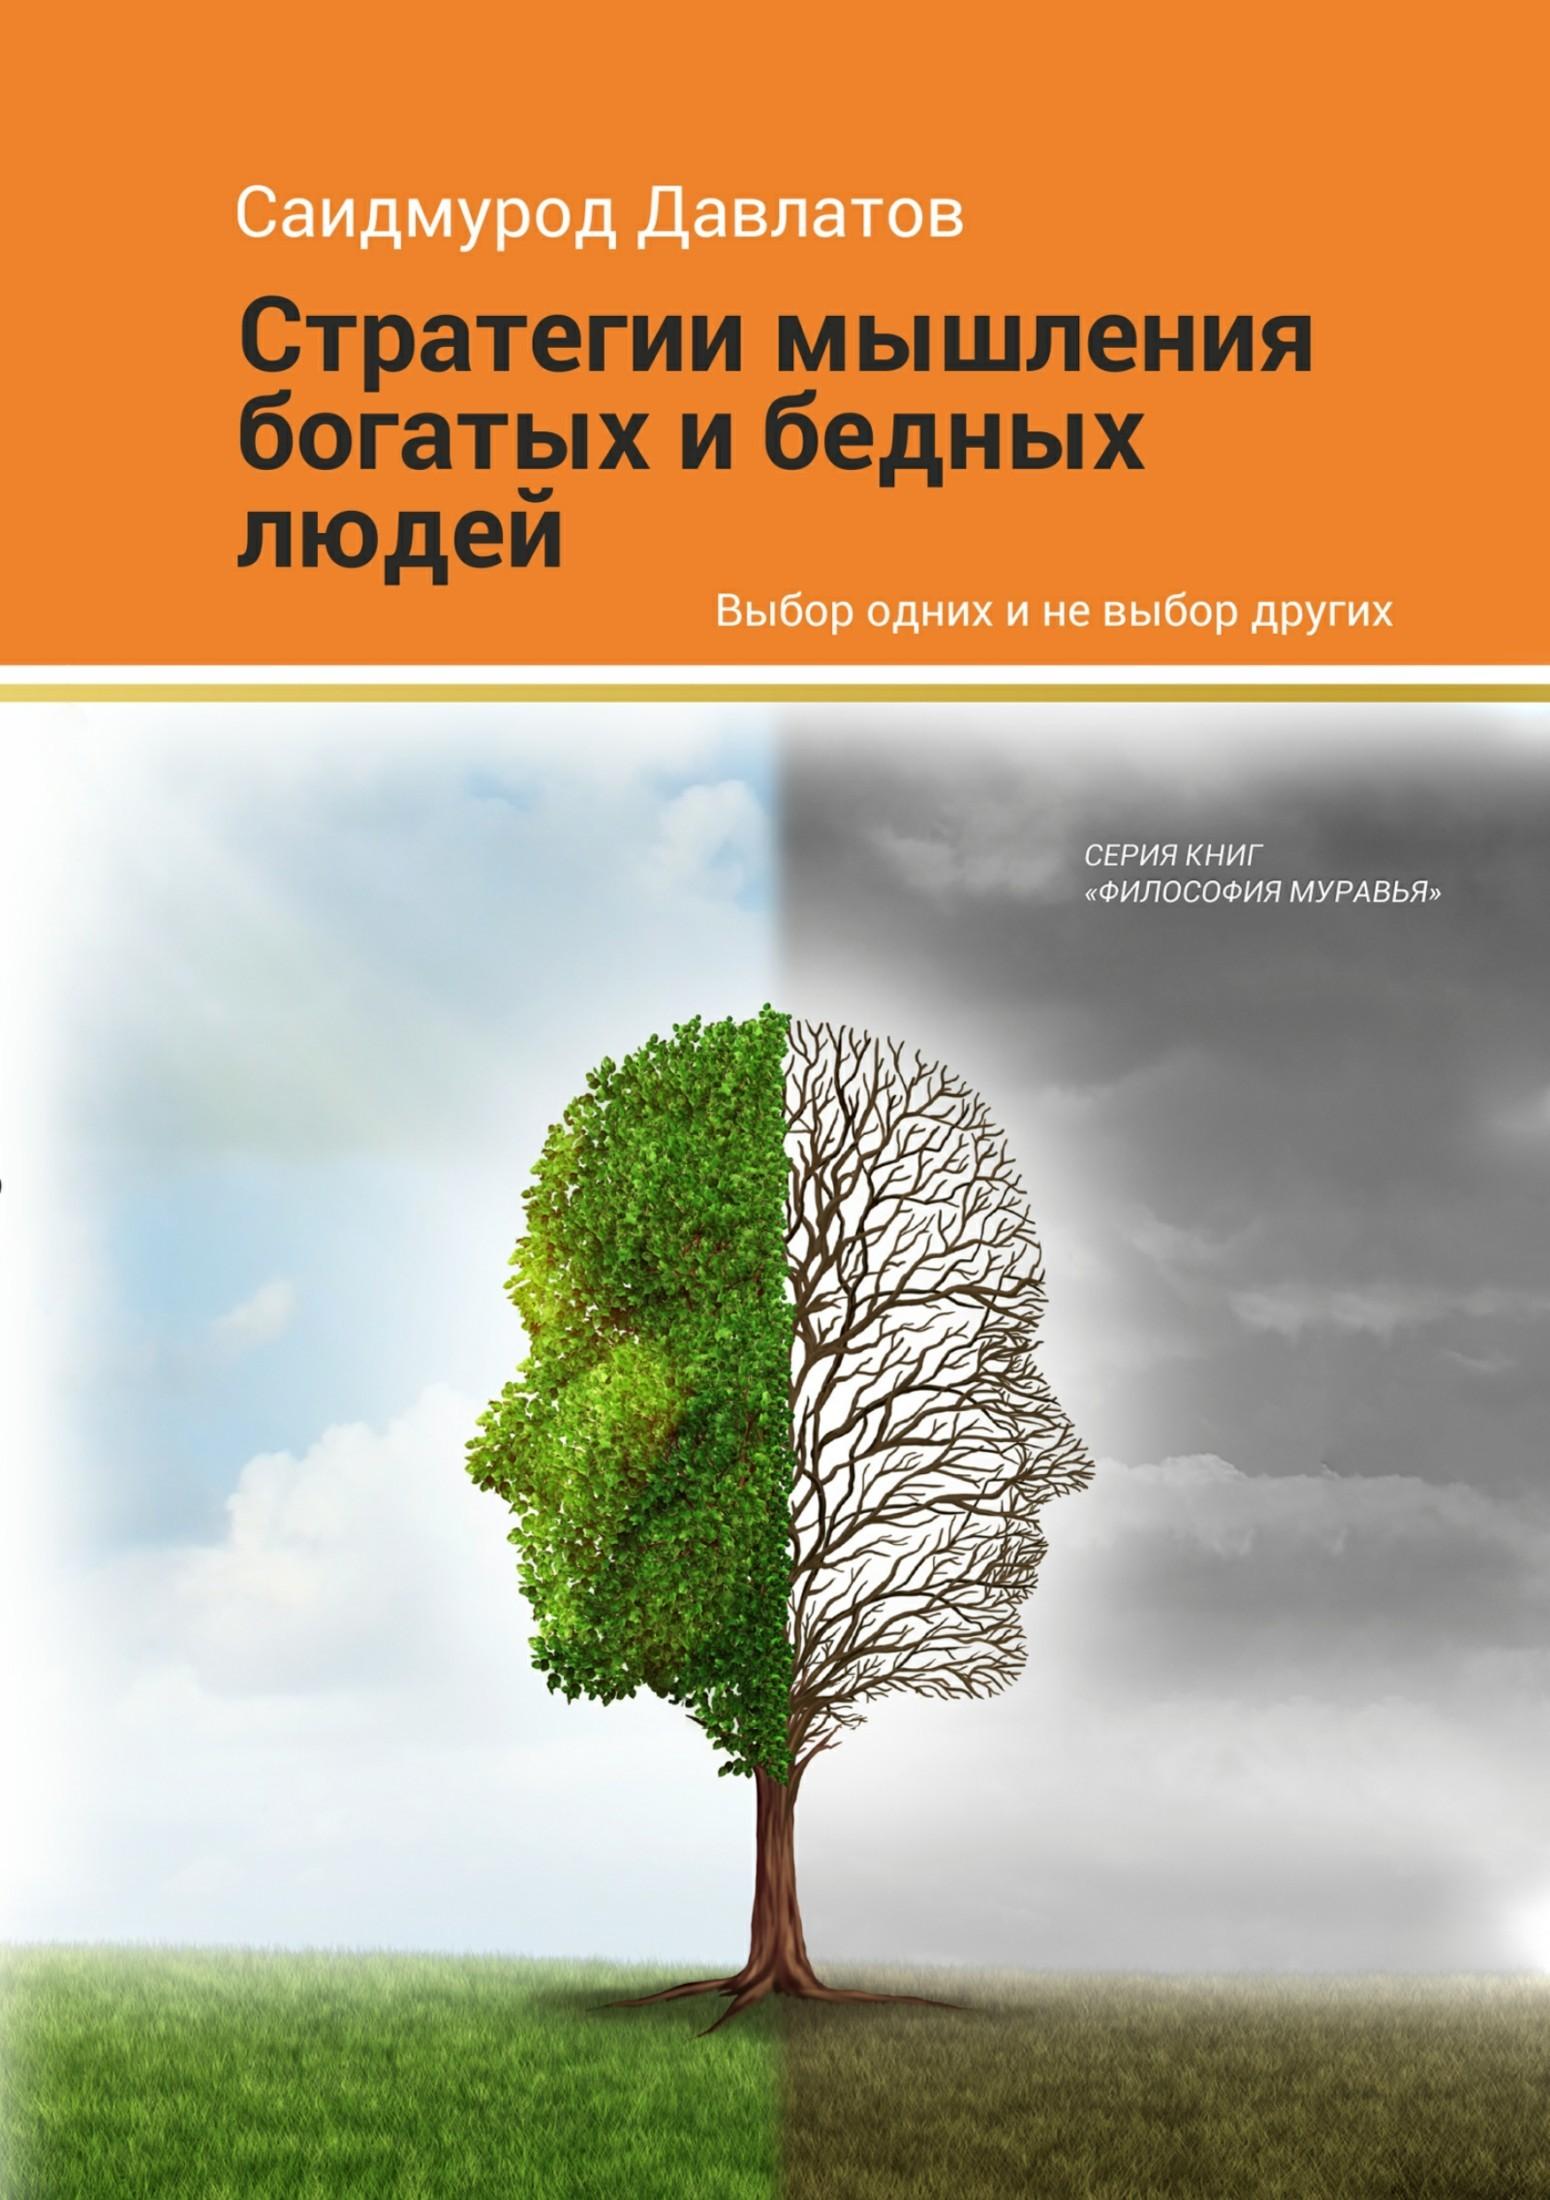 фото обложки издания Стратегия мышления богатых и бедных людей